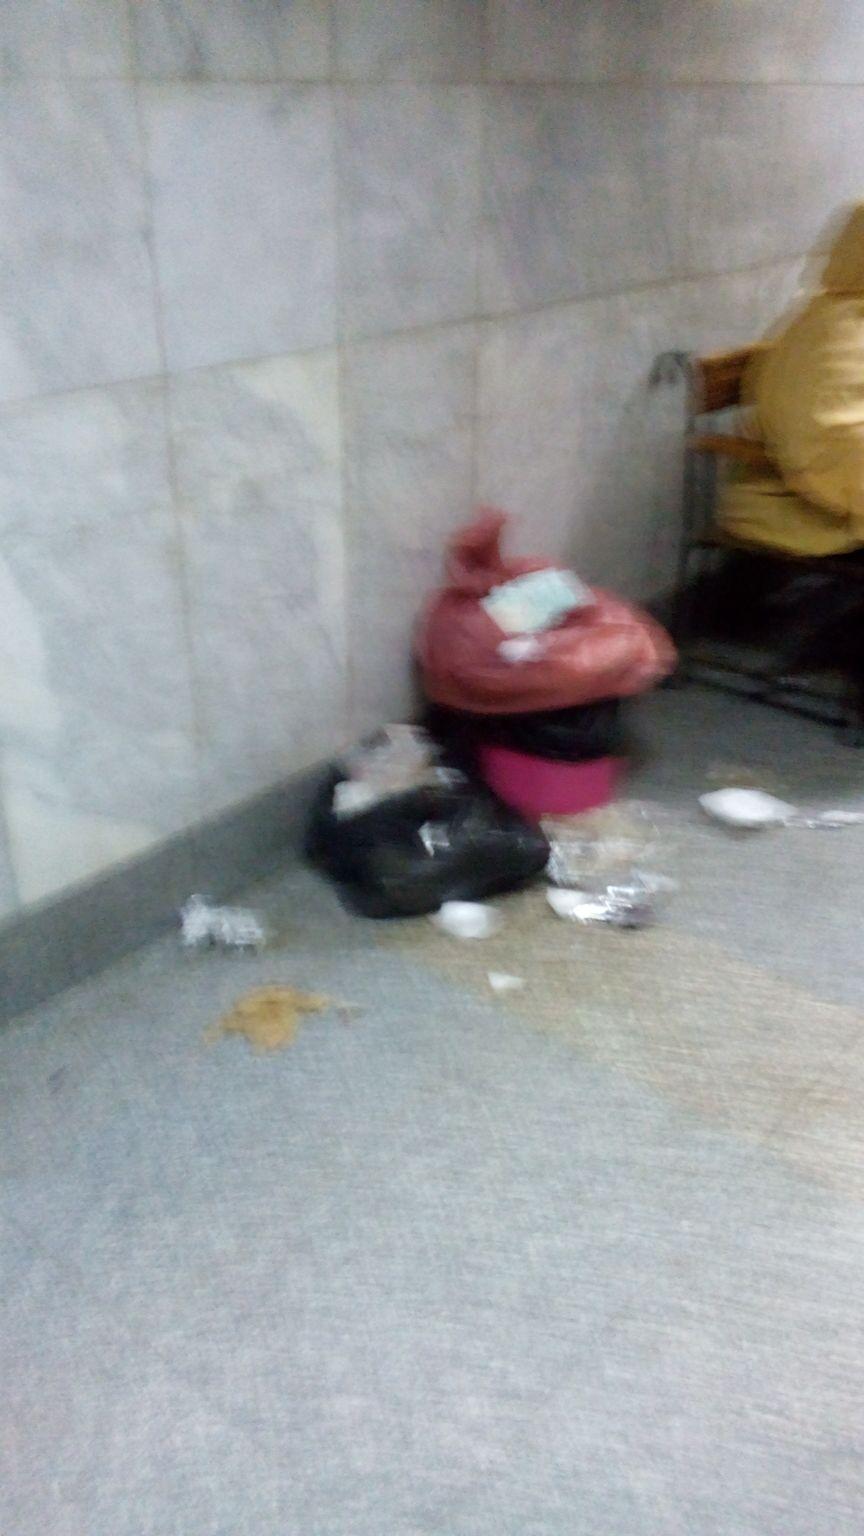 قمامة أمام بنك الدم في مستشفى اليوم الواحد بروض الفرج